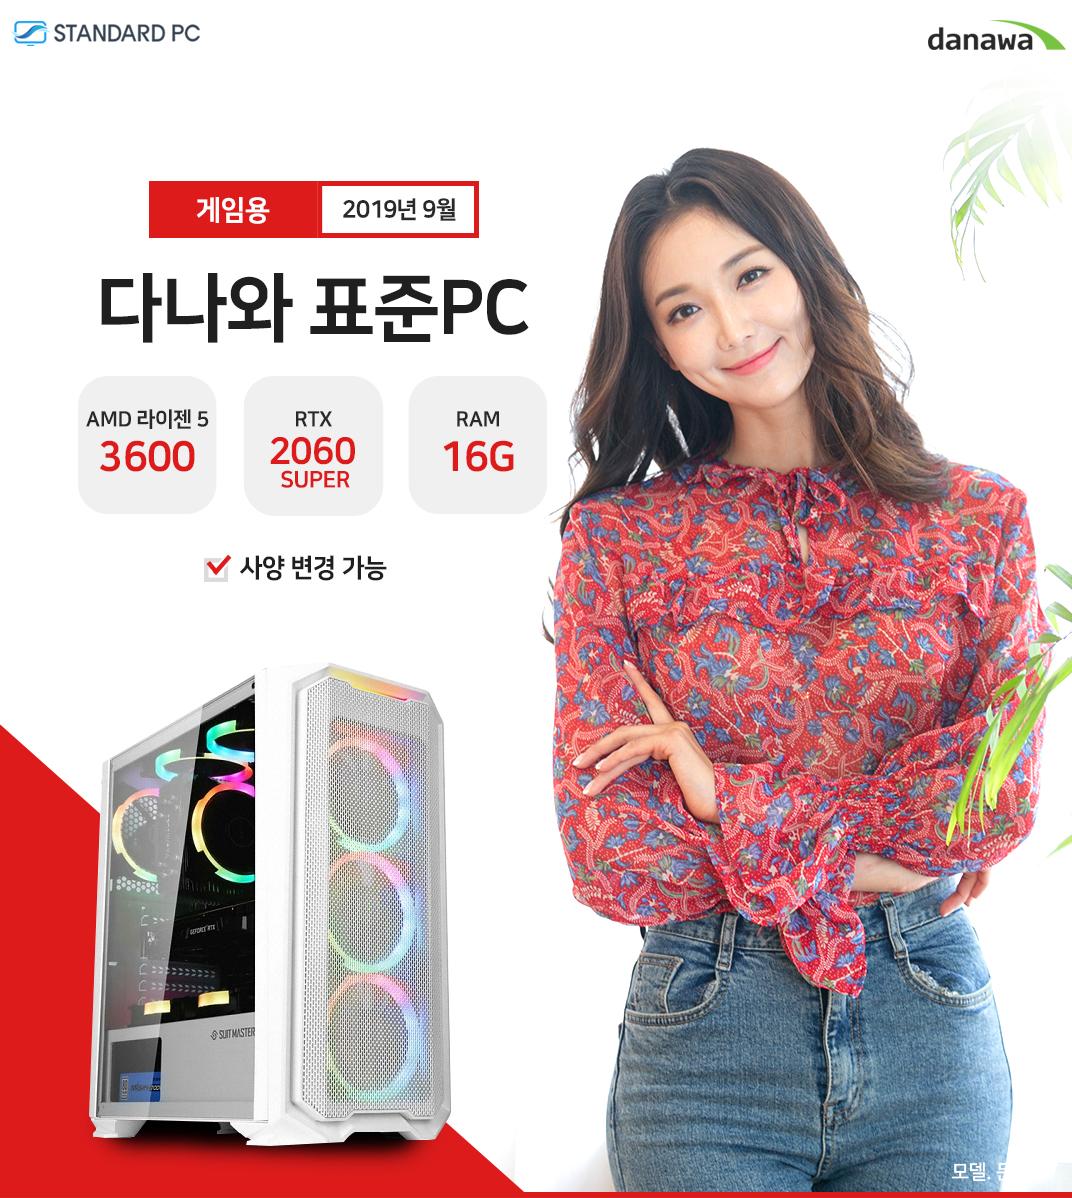 2019년 9월 다나와 표준PC 게이밍용 AMD 라이젠 5 3600 GTX2060 SUPER RAM 16G 모델 문가경